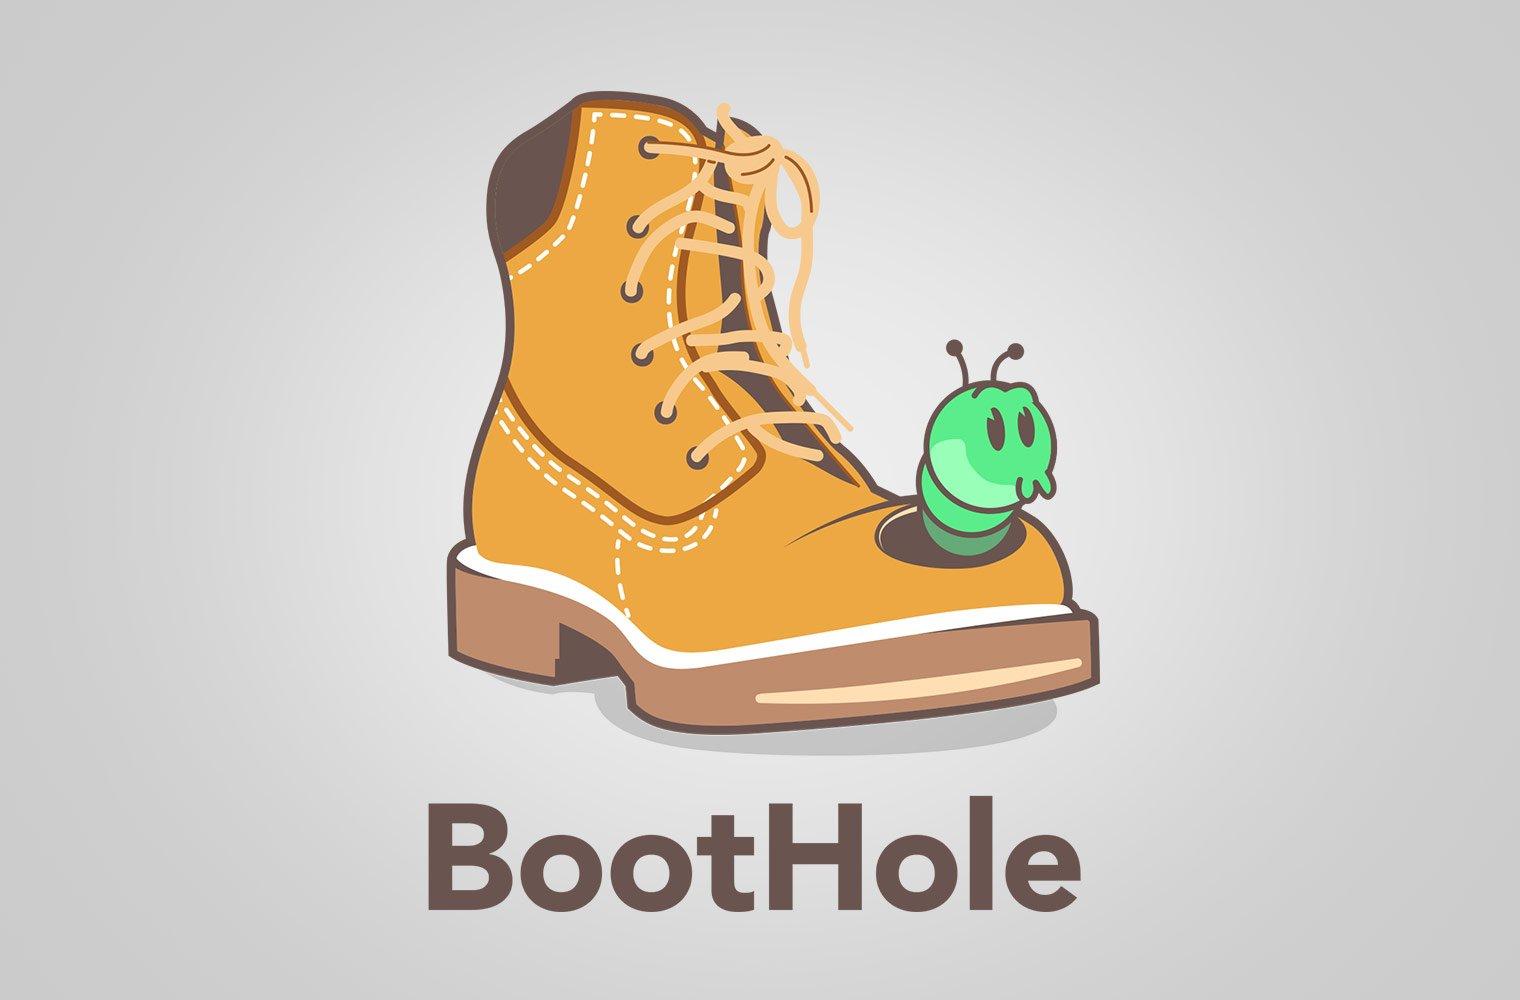 179 boothole